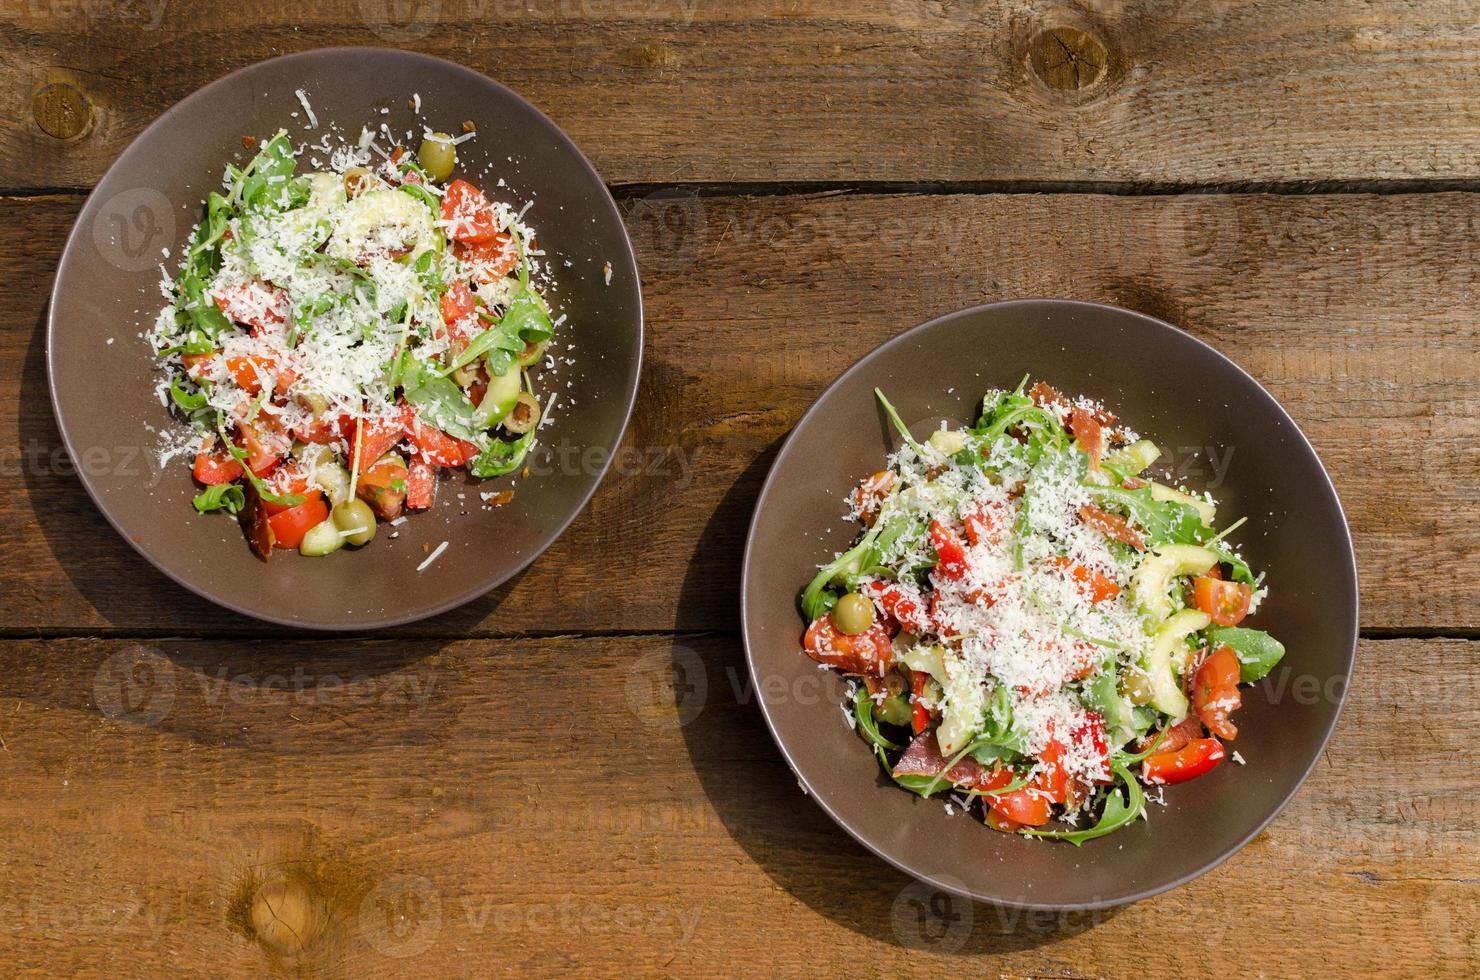 insalata di rucola con pomodori, olive e parmigiano foto